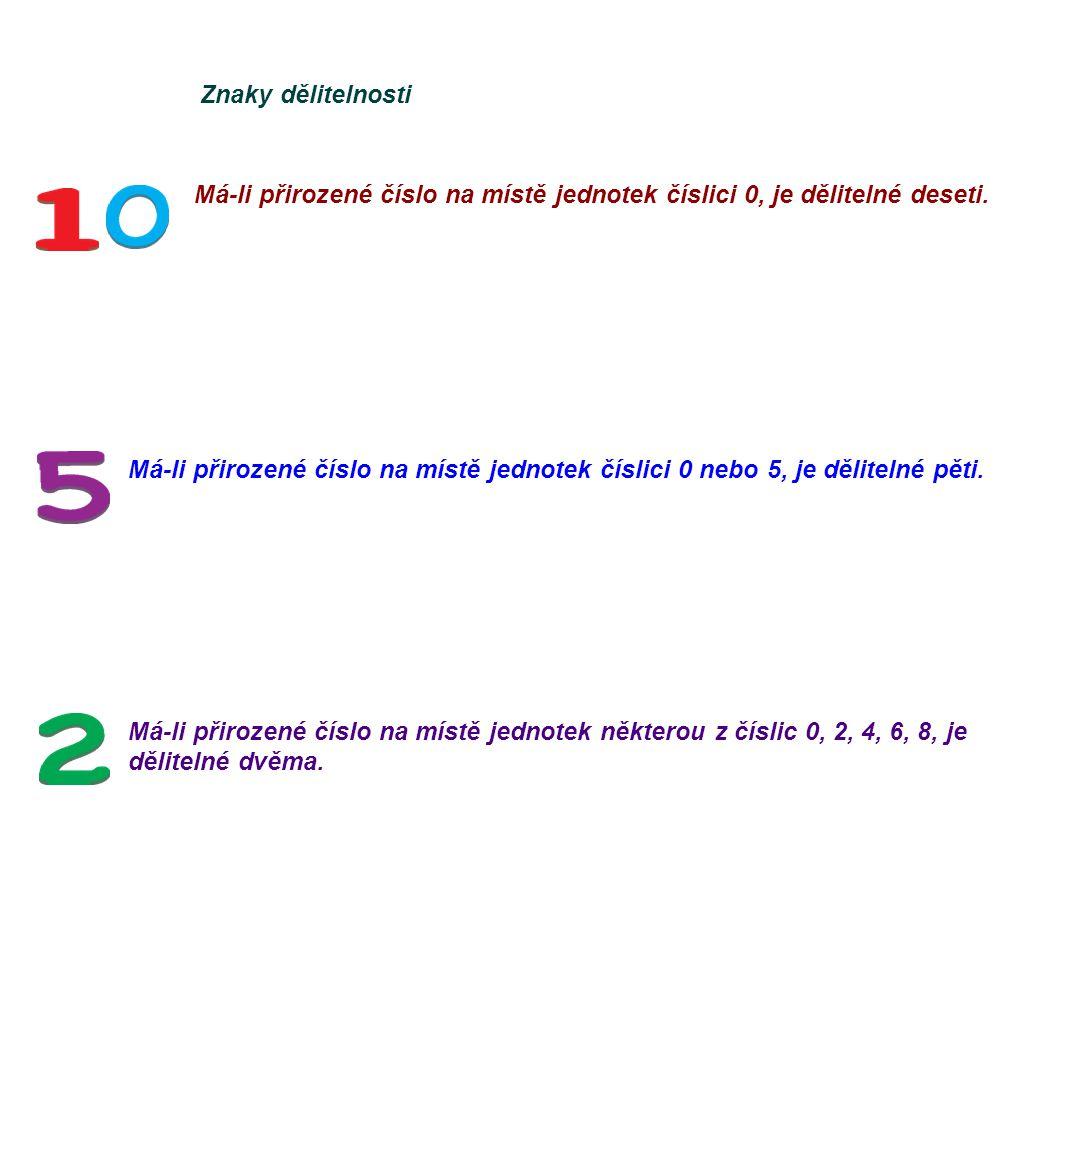 Znaky dělitelnosti Má-li přirozené číslo na místě jednotek číslici 0, je dělitelné deseti.